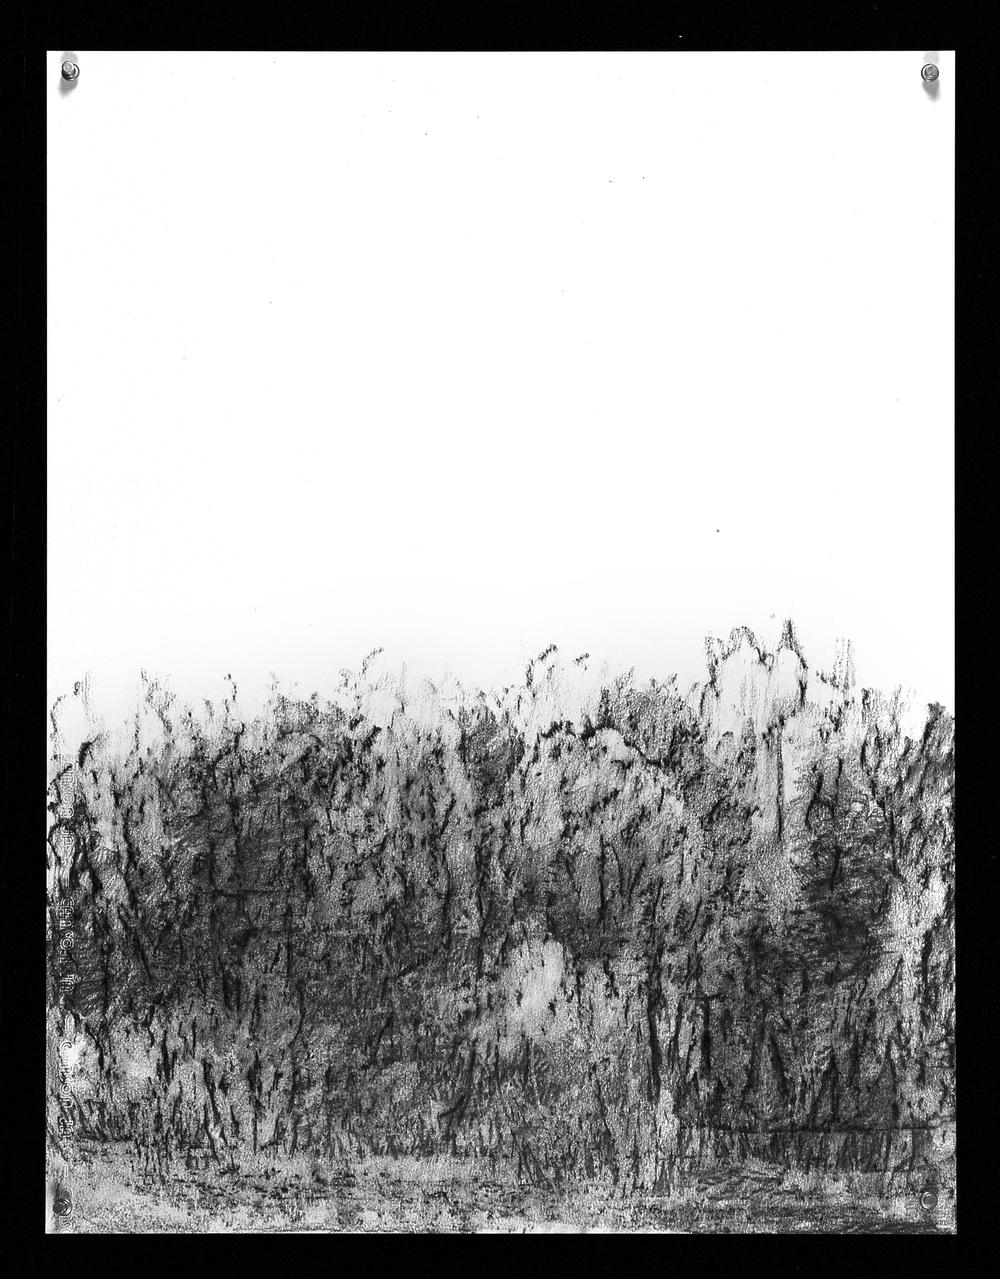 S.D. 77 - 19x25 -(Canson )  2014.jpg